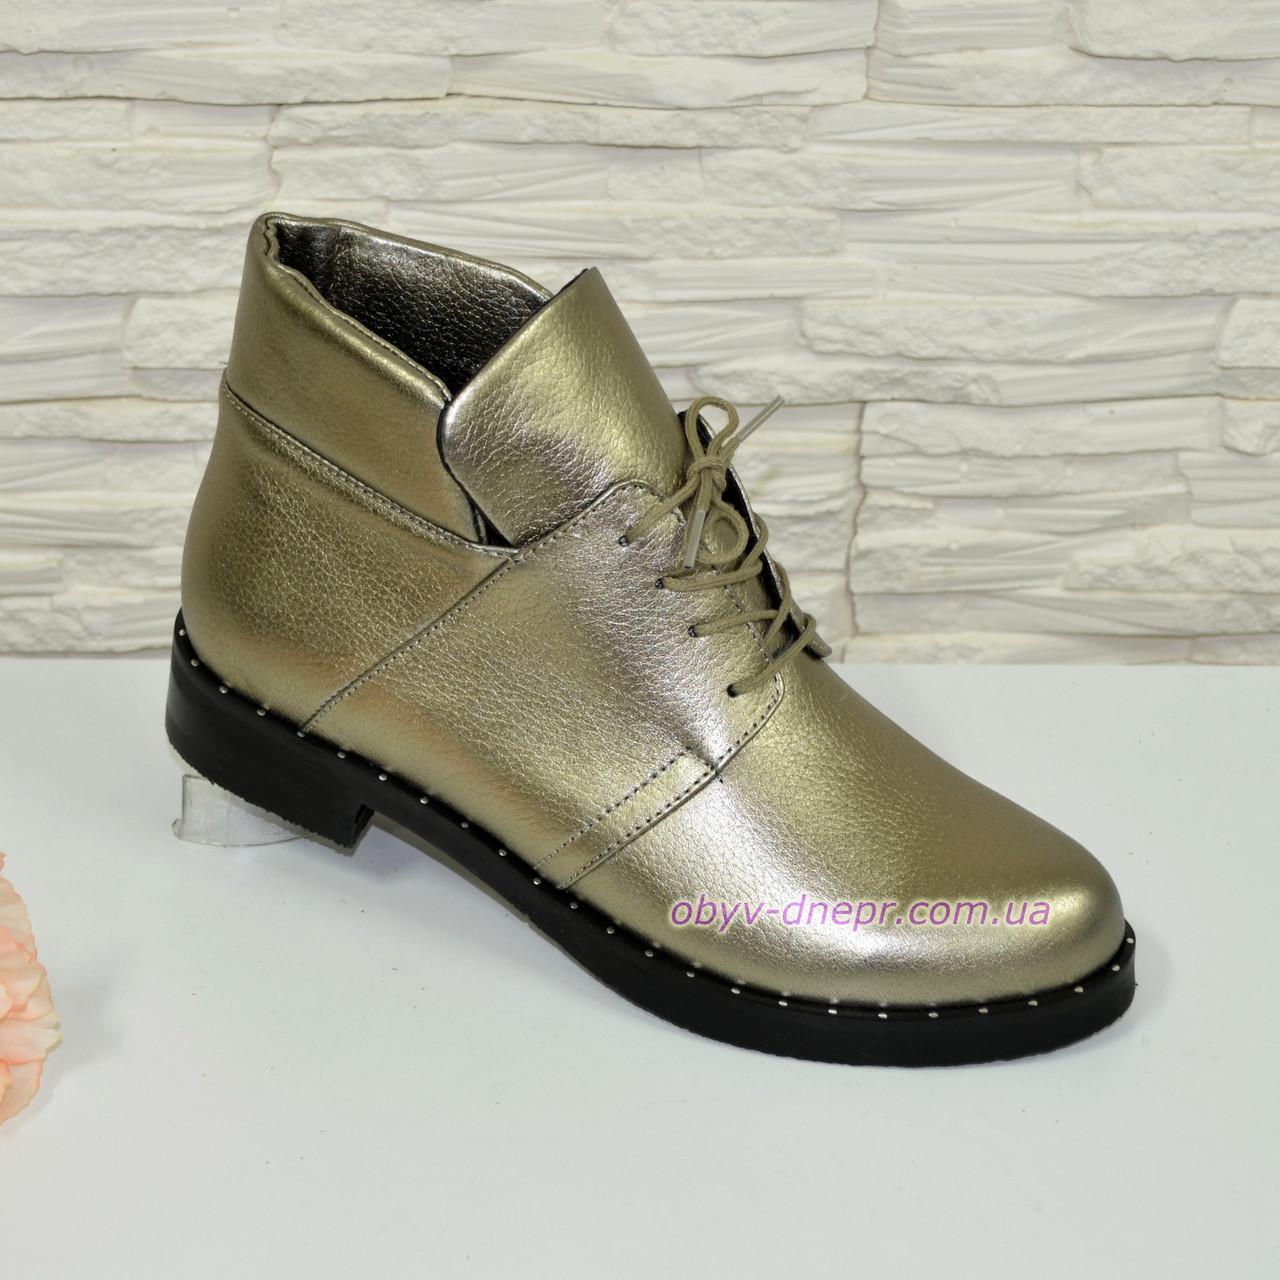 Ботинки женские   кожаные на невысоком каблуке, цвет бронза.